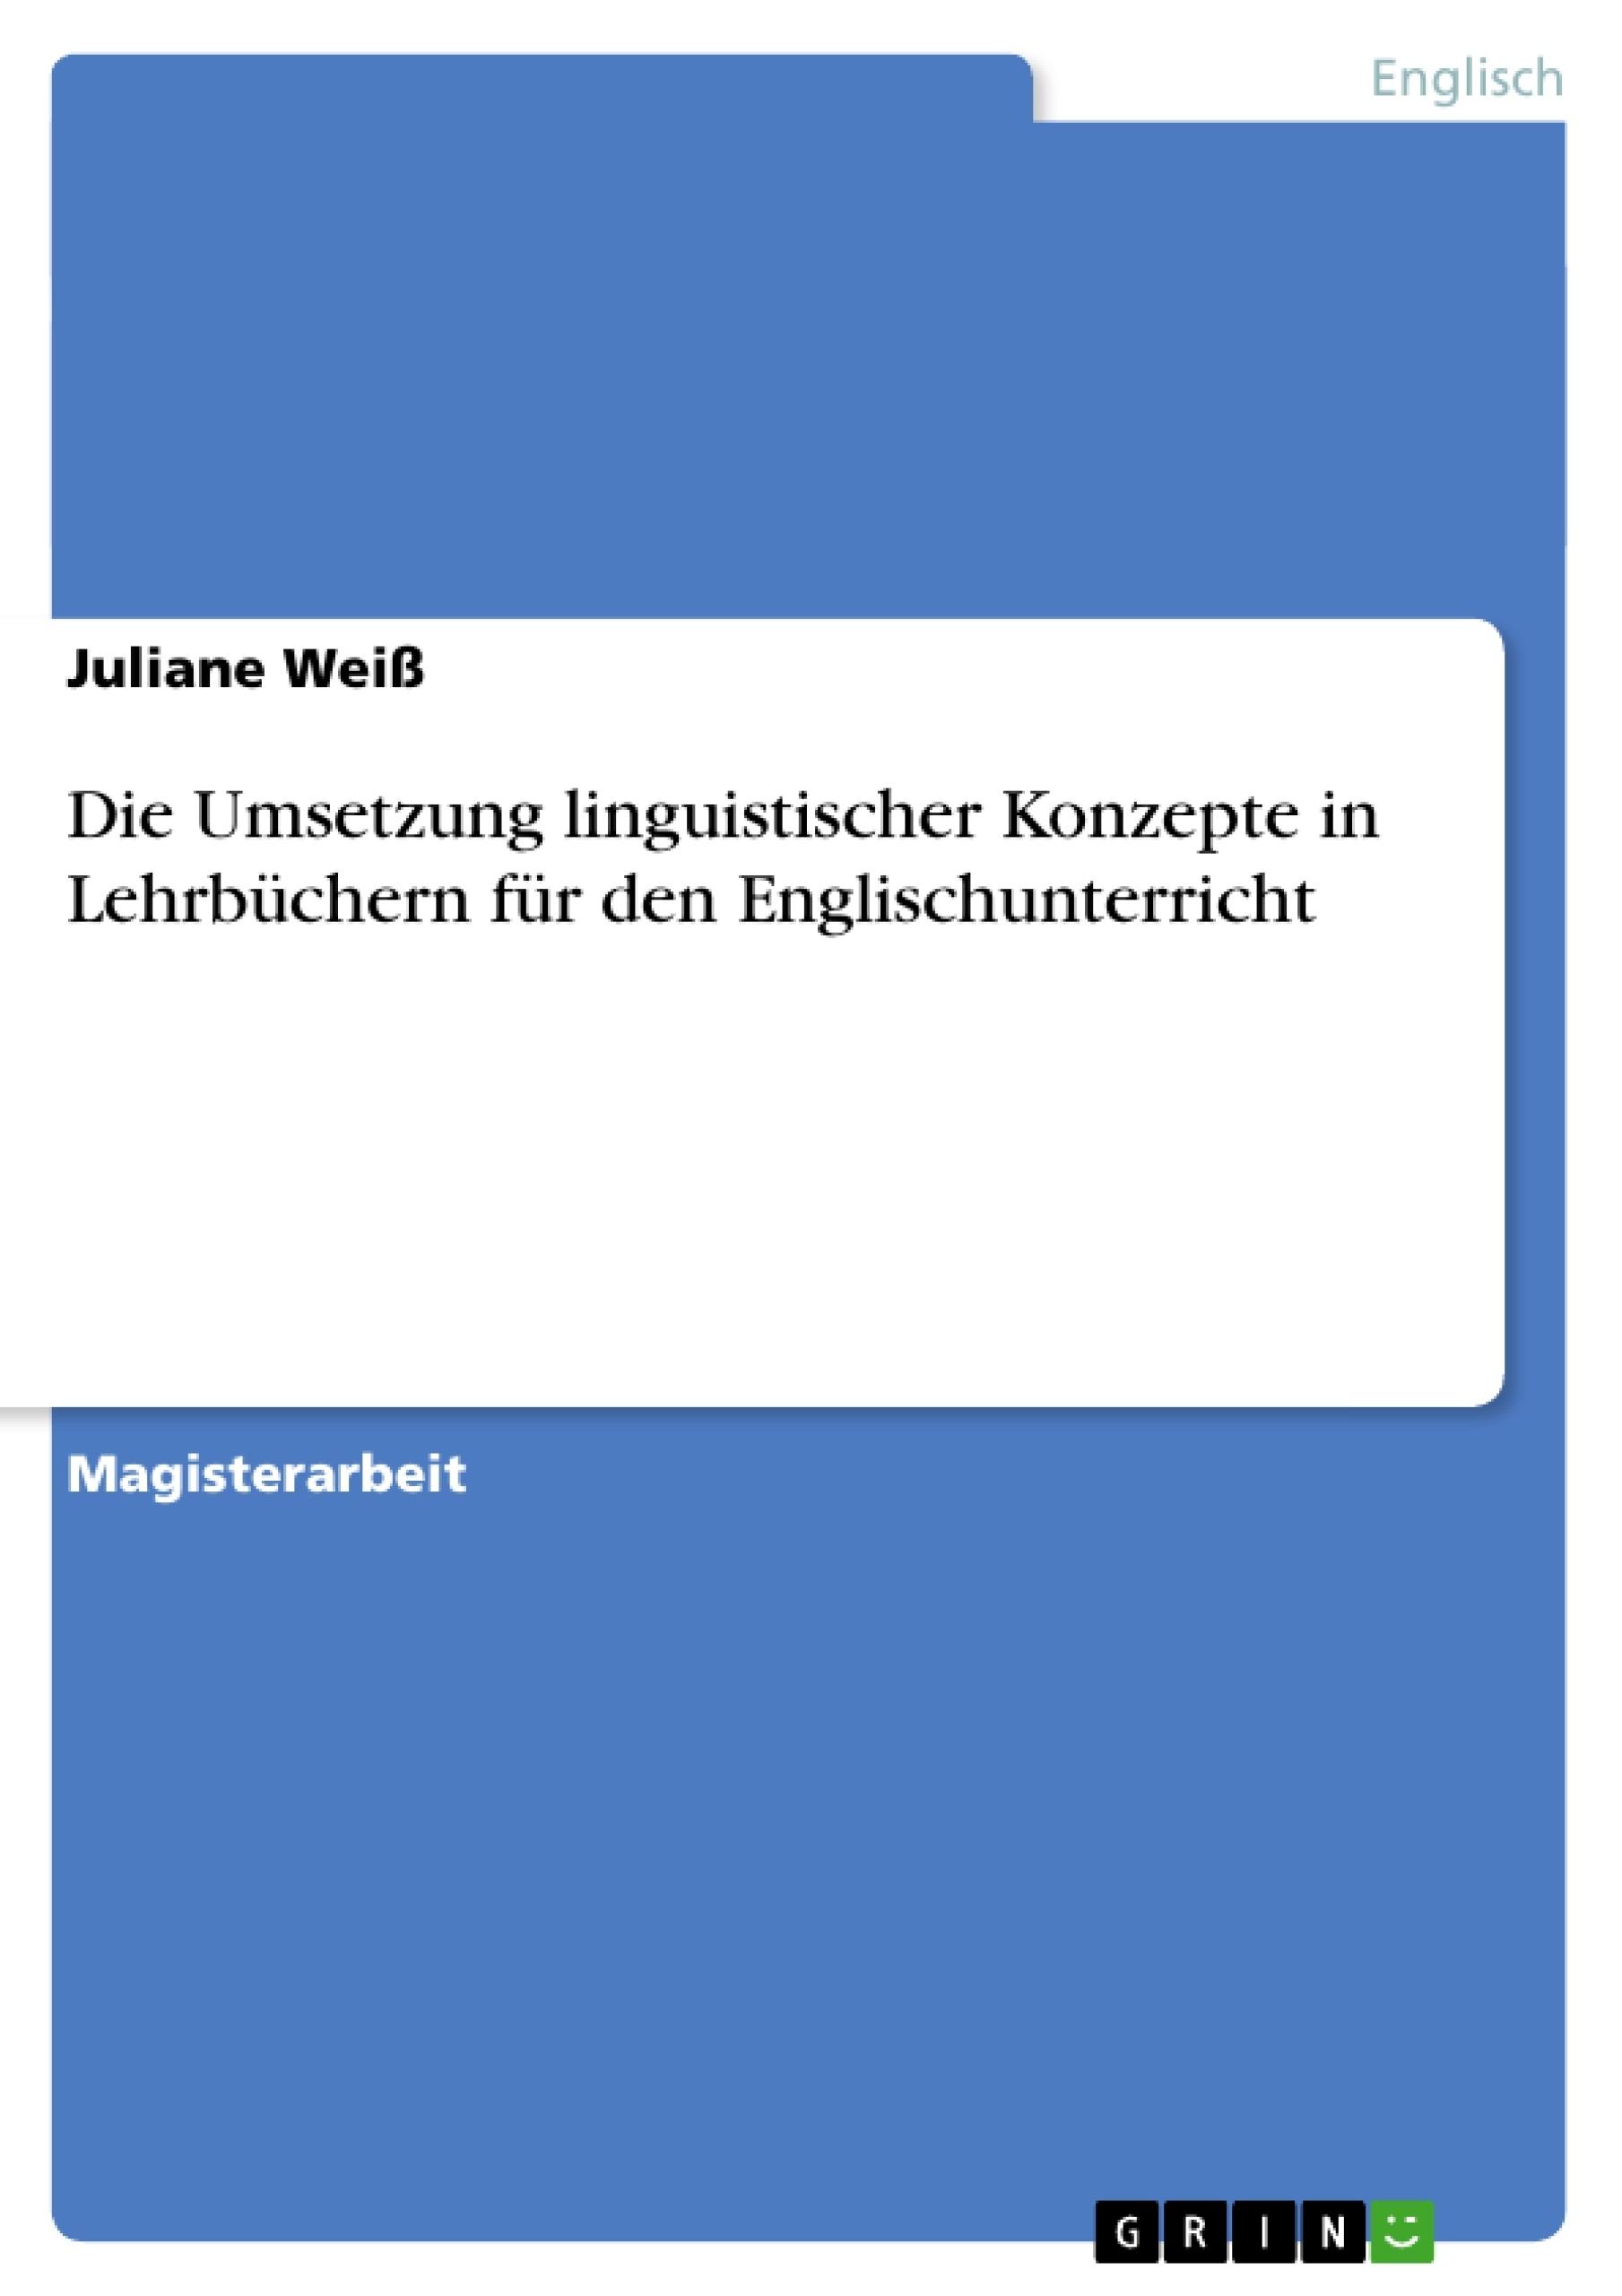 Titel: Die Umsetzung linguistischer Konzepte in Lehrbüchern für den Englischunterricht